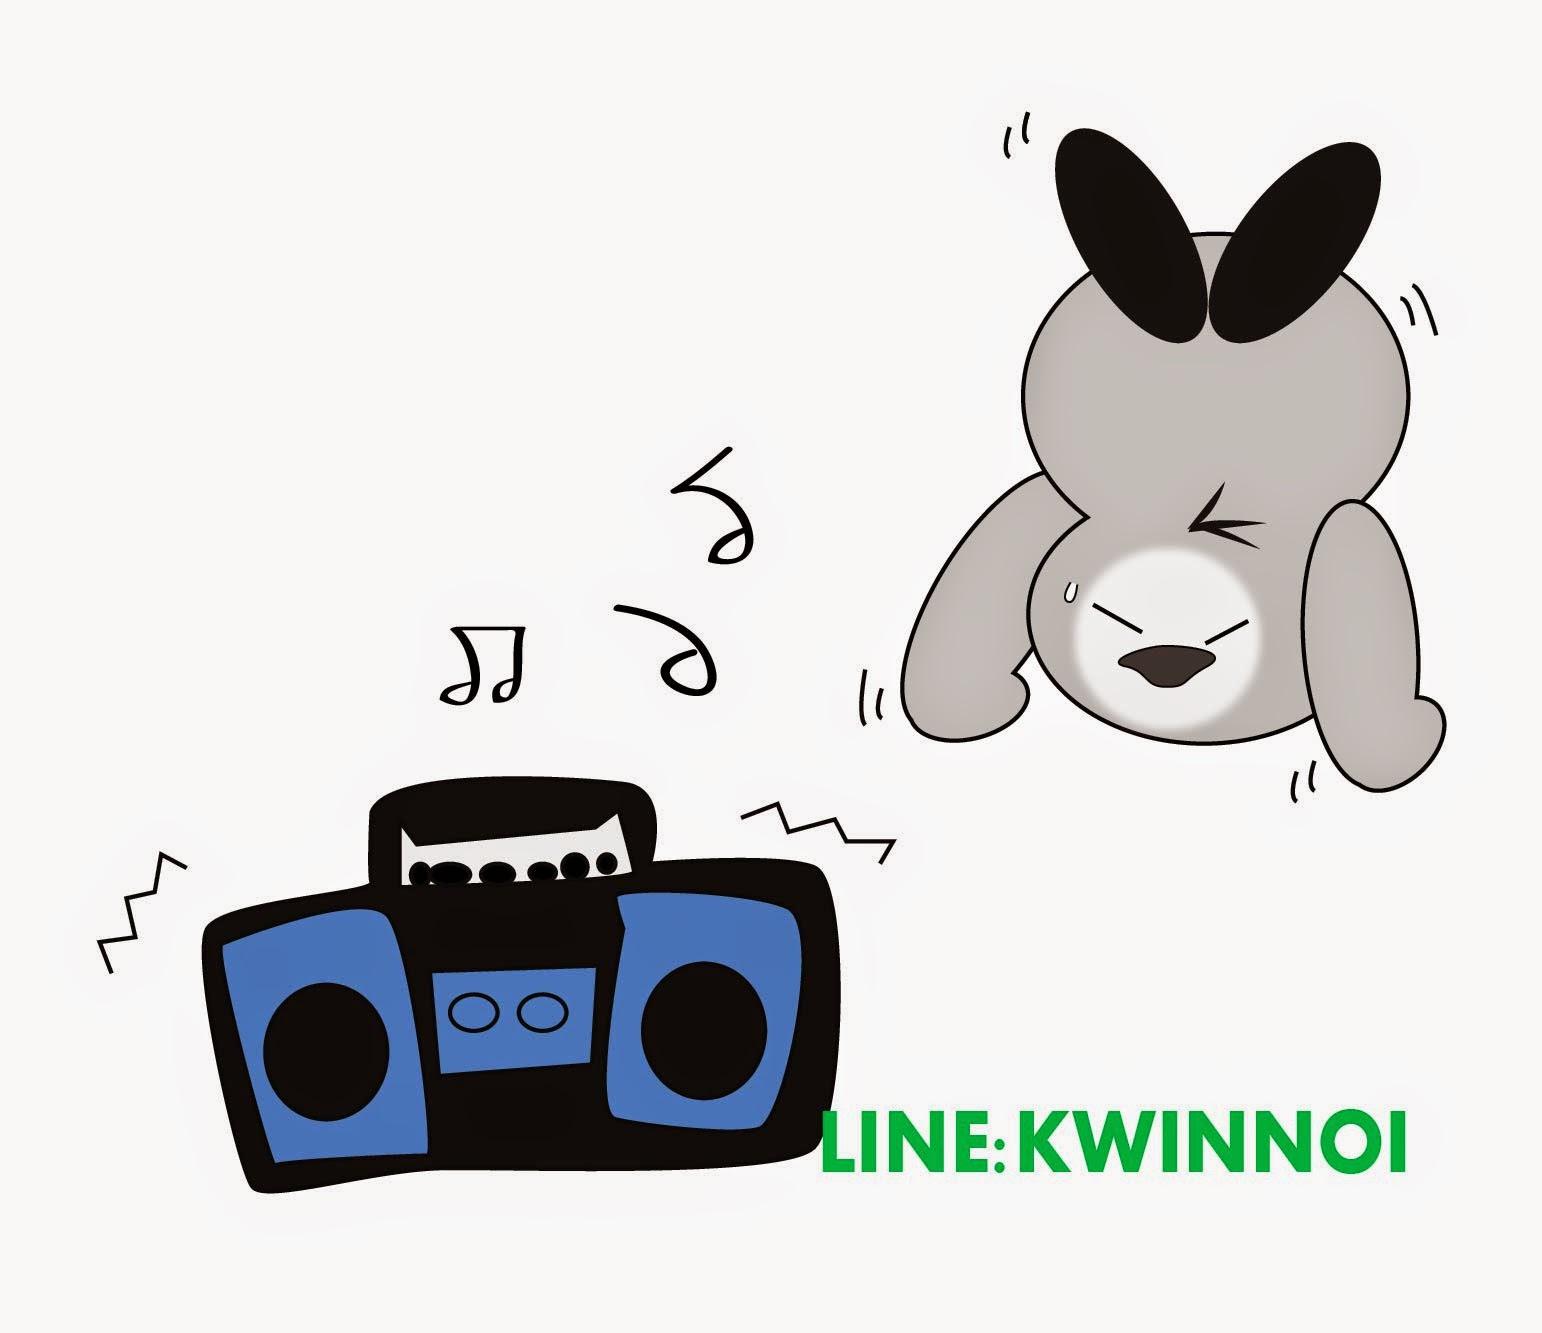 Get line stickers KWINNOI